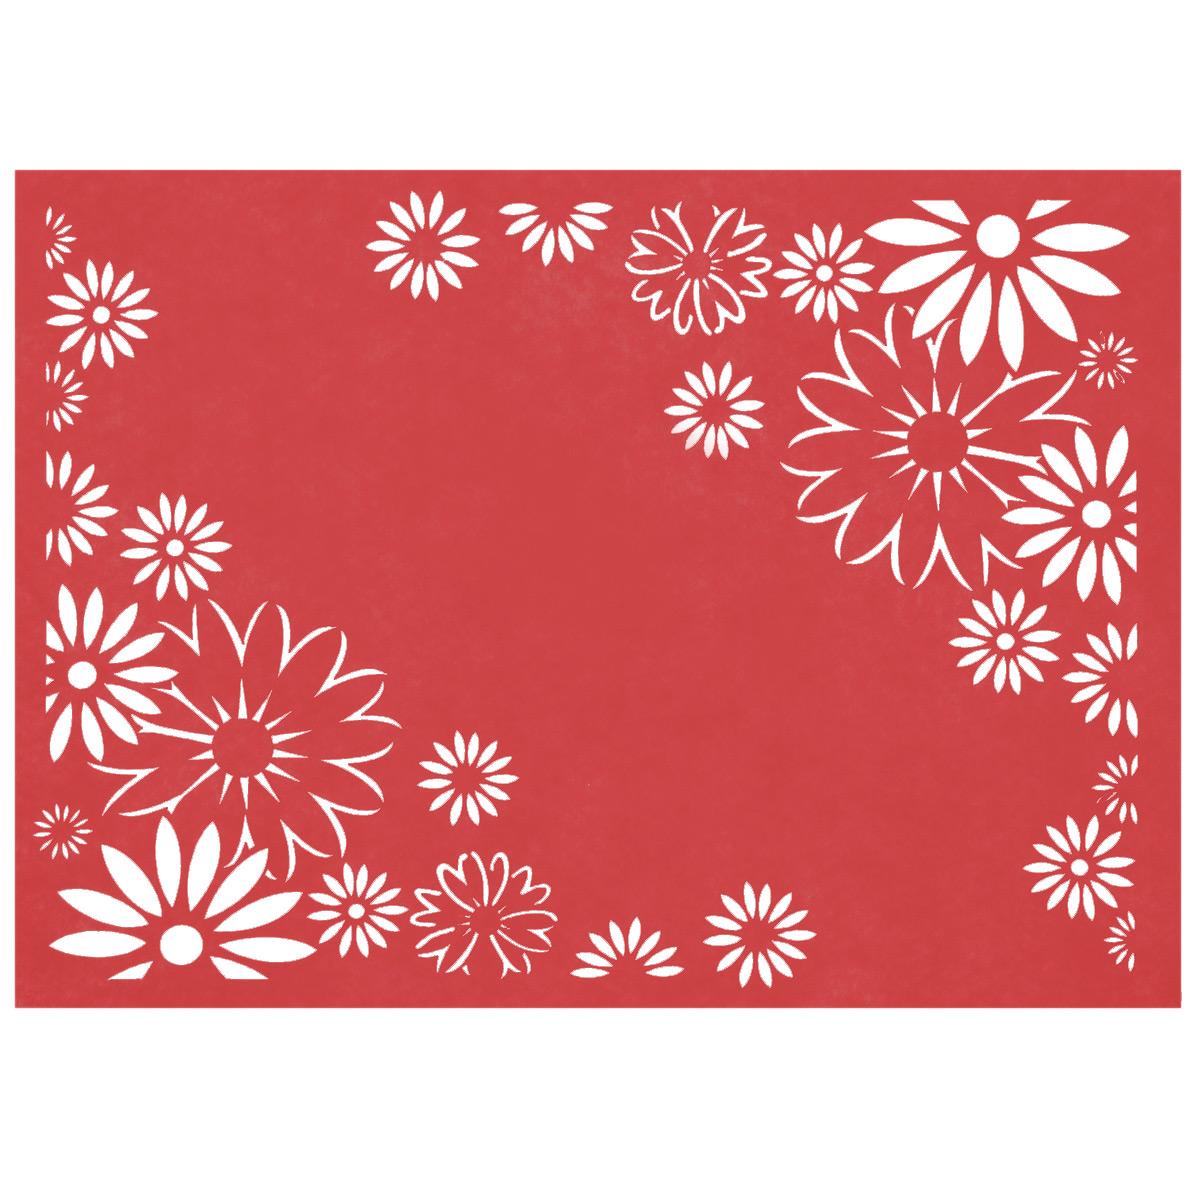 Салфетка Home Queen Лучезарность, цвет: красный, 30 х 40 х 0,2 см66844_4Прямоугольная салфетка Home Queen Лучезарность выполнена из фетра и оснащена красивой перфорацией в виде цветов. Вы можете использовать салфетку для декорирования стола, комода, журнального столика. В любом случае она добавит в ваш дом стиля, изысканности и неповторимости и убережет мебель от царапин и потертостей. Размер салфетки: 30 см х 40 см х 0,2 см.